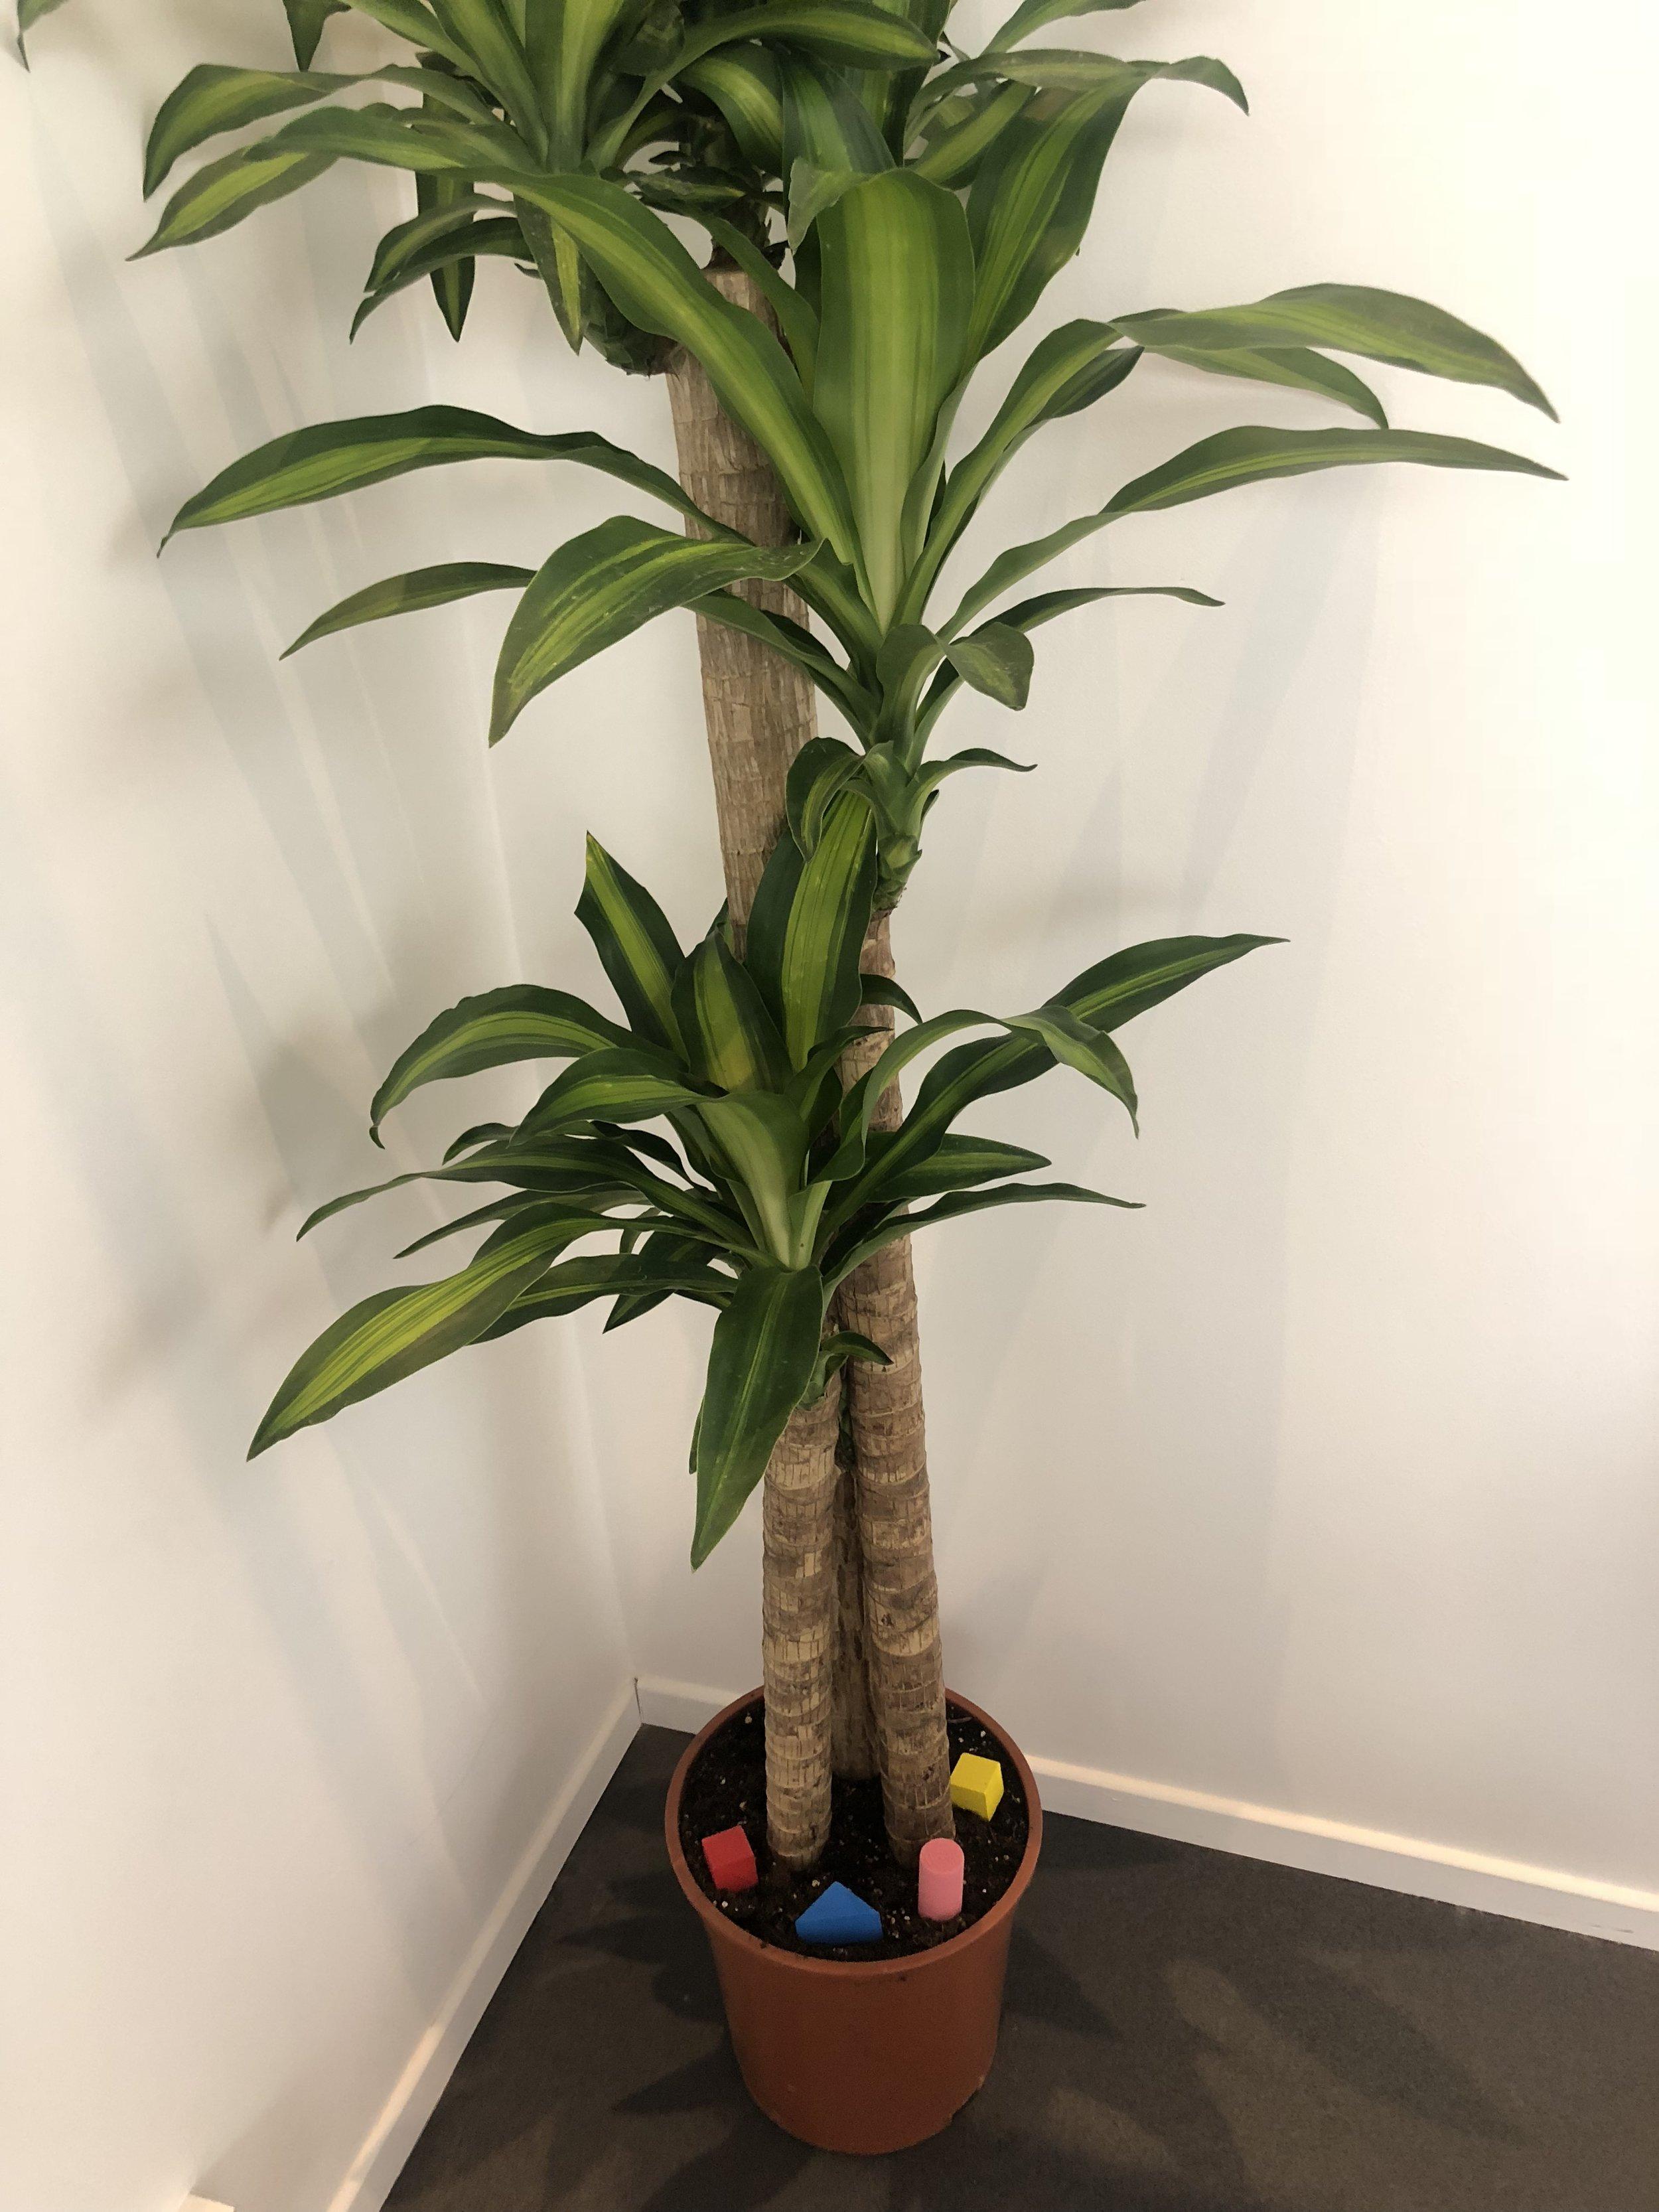 Very heavy plant